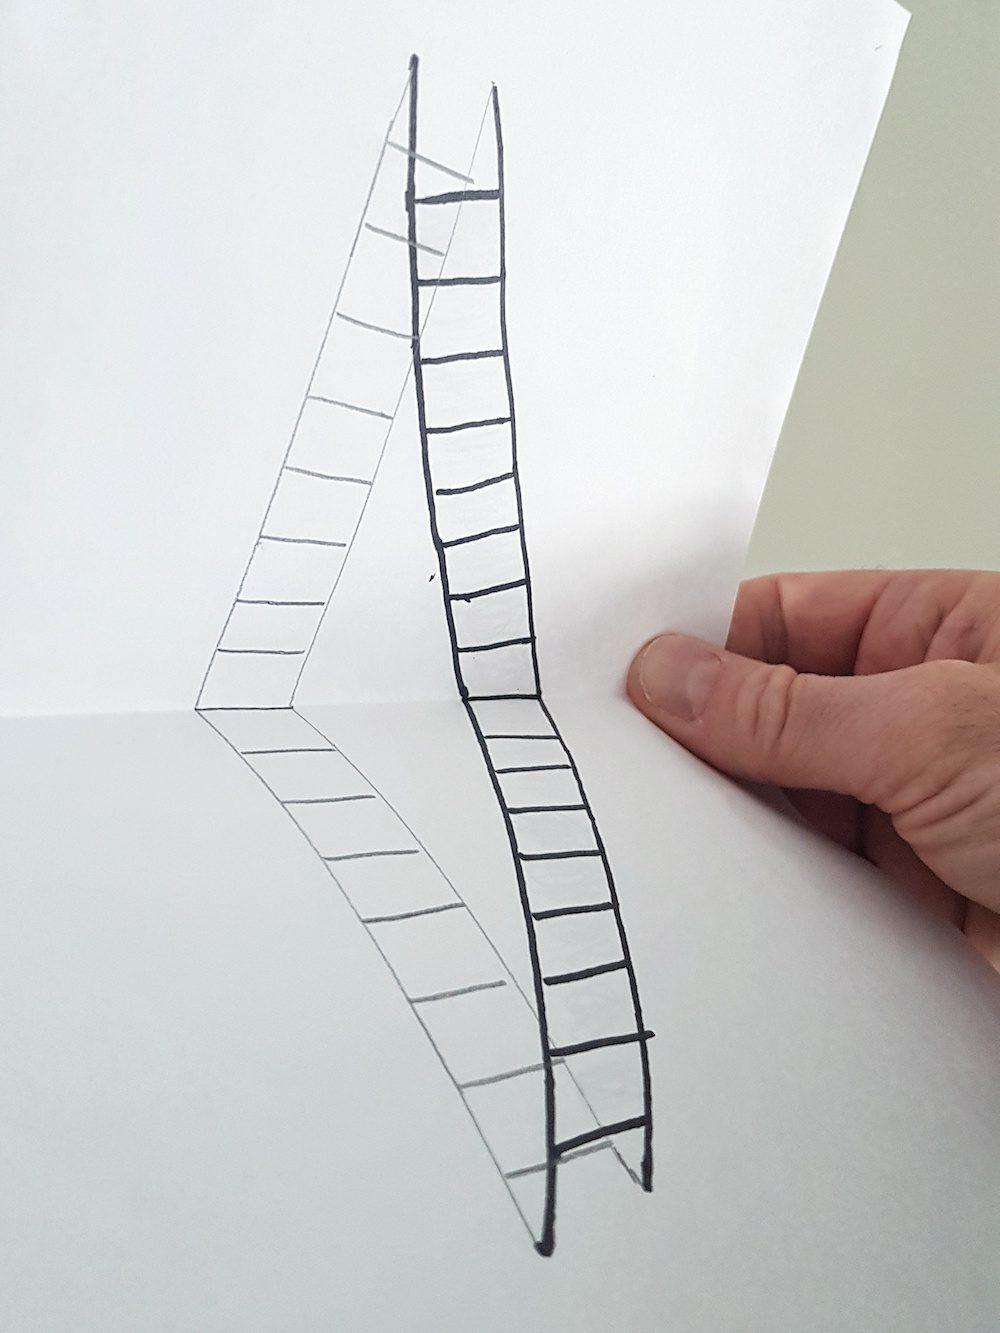 3d piirtaminen harjoittelu